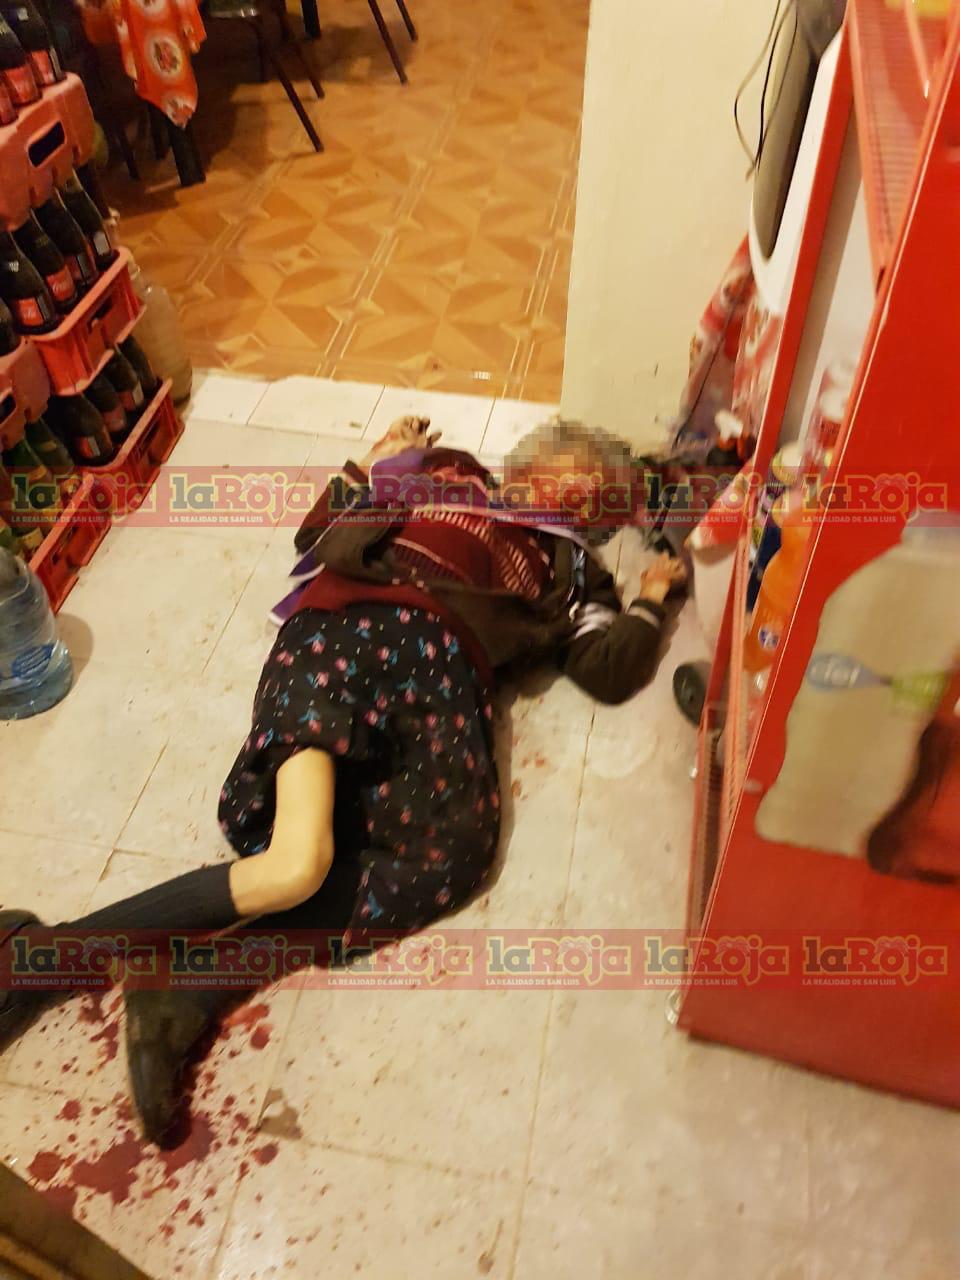 Ancianita muere baleada en el interior de una tienda de abarrotes en Los Magueyes